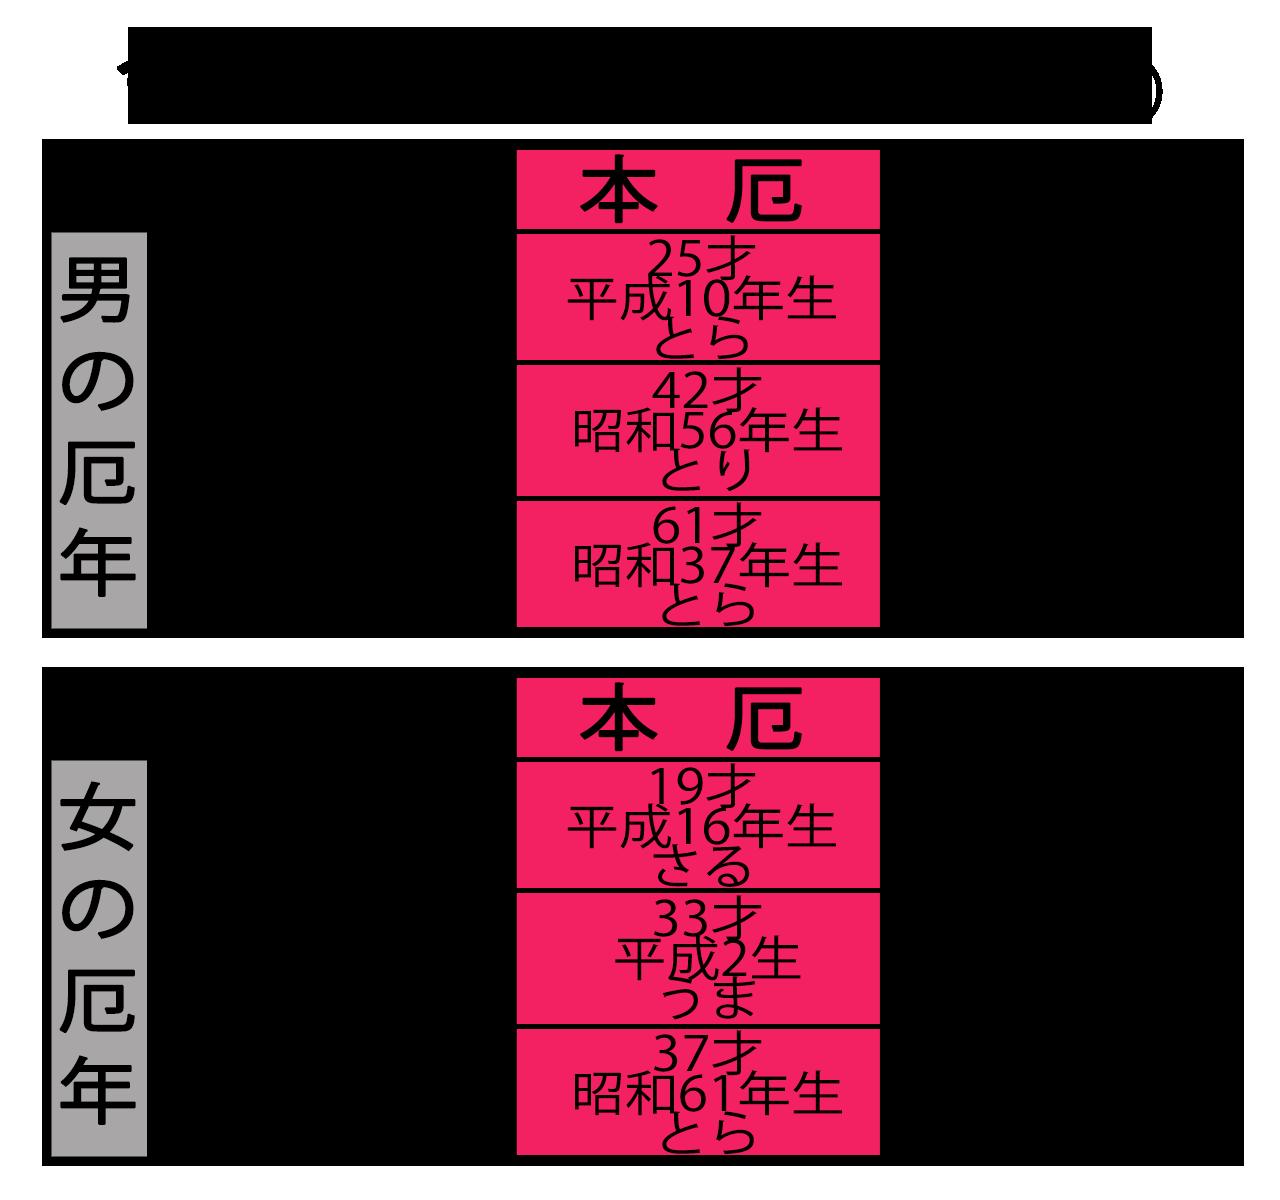 yakudoshi_2022